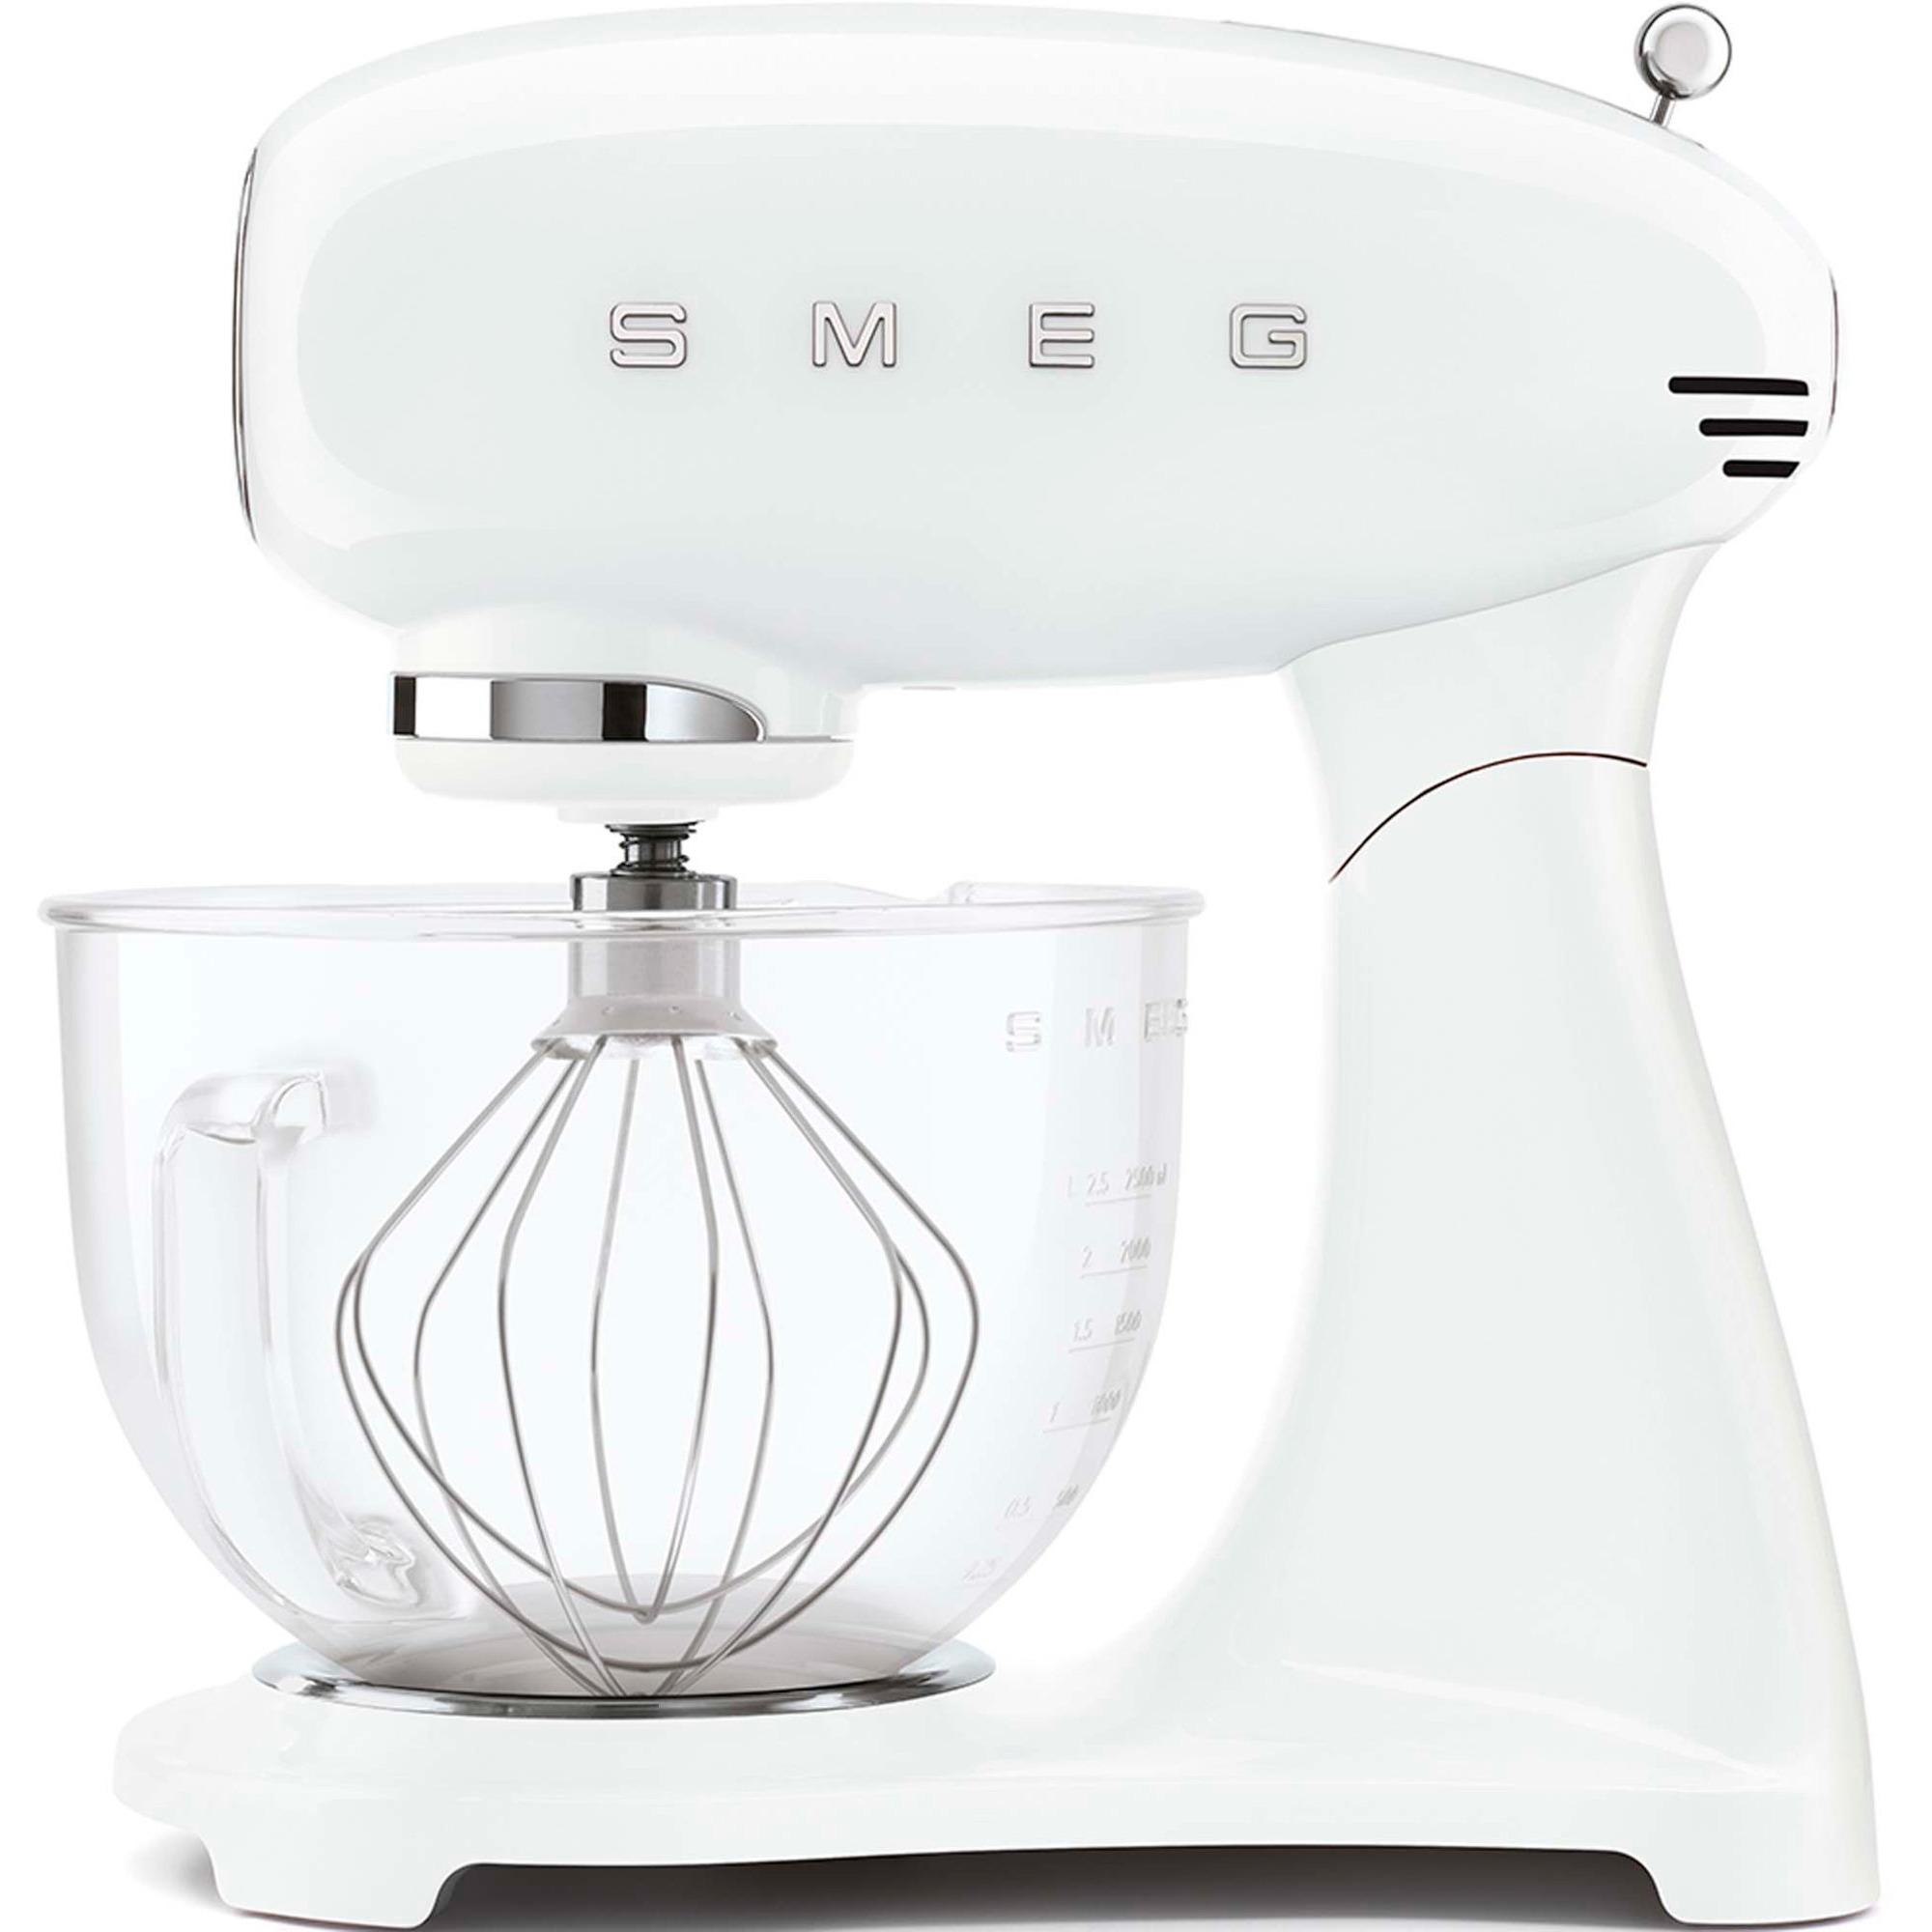 Smeg Köksmaskin 4.8L – Vit med glasskål